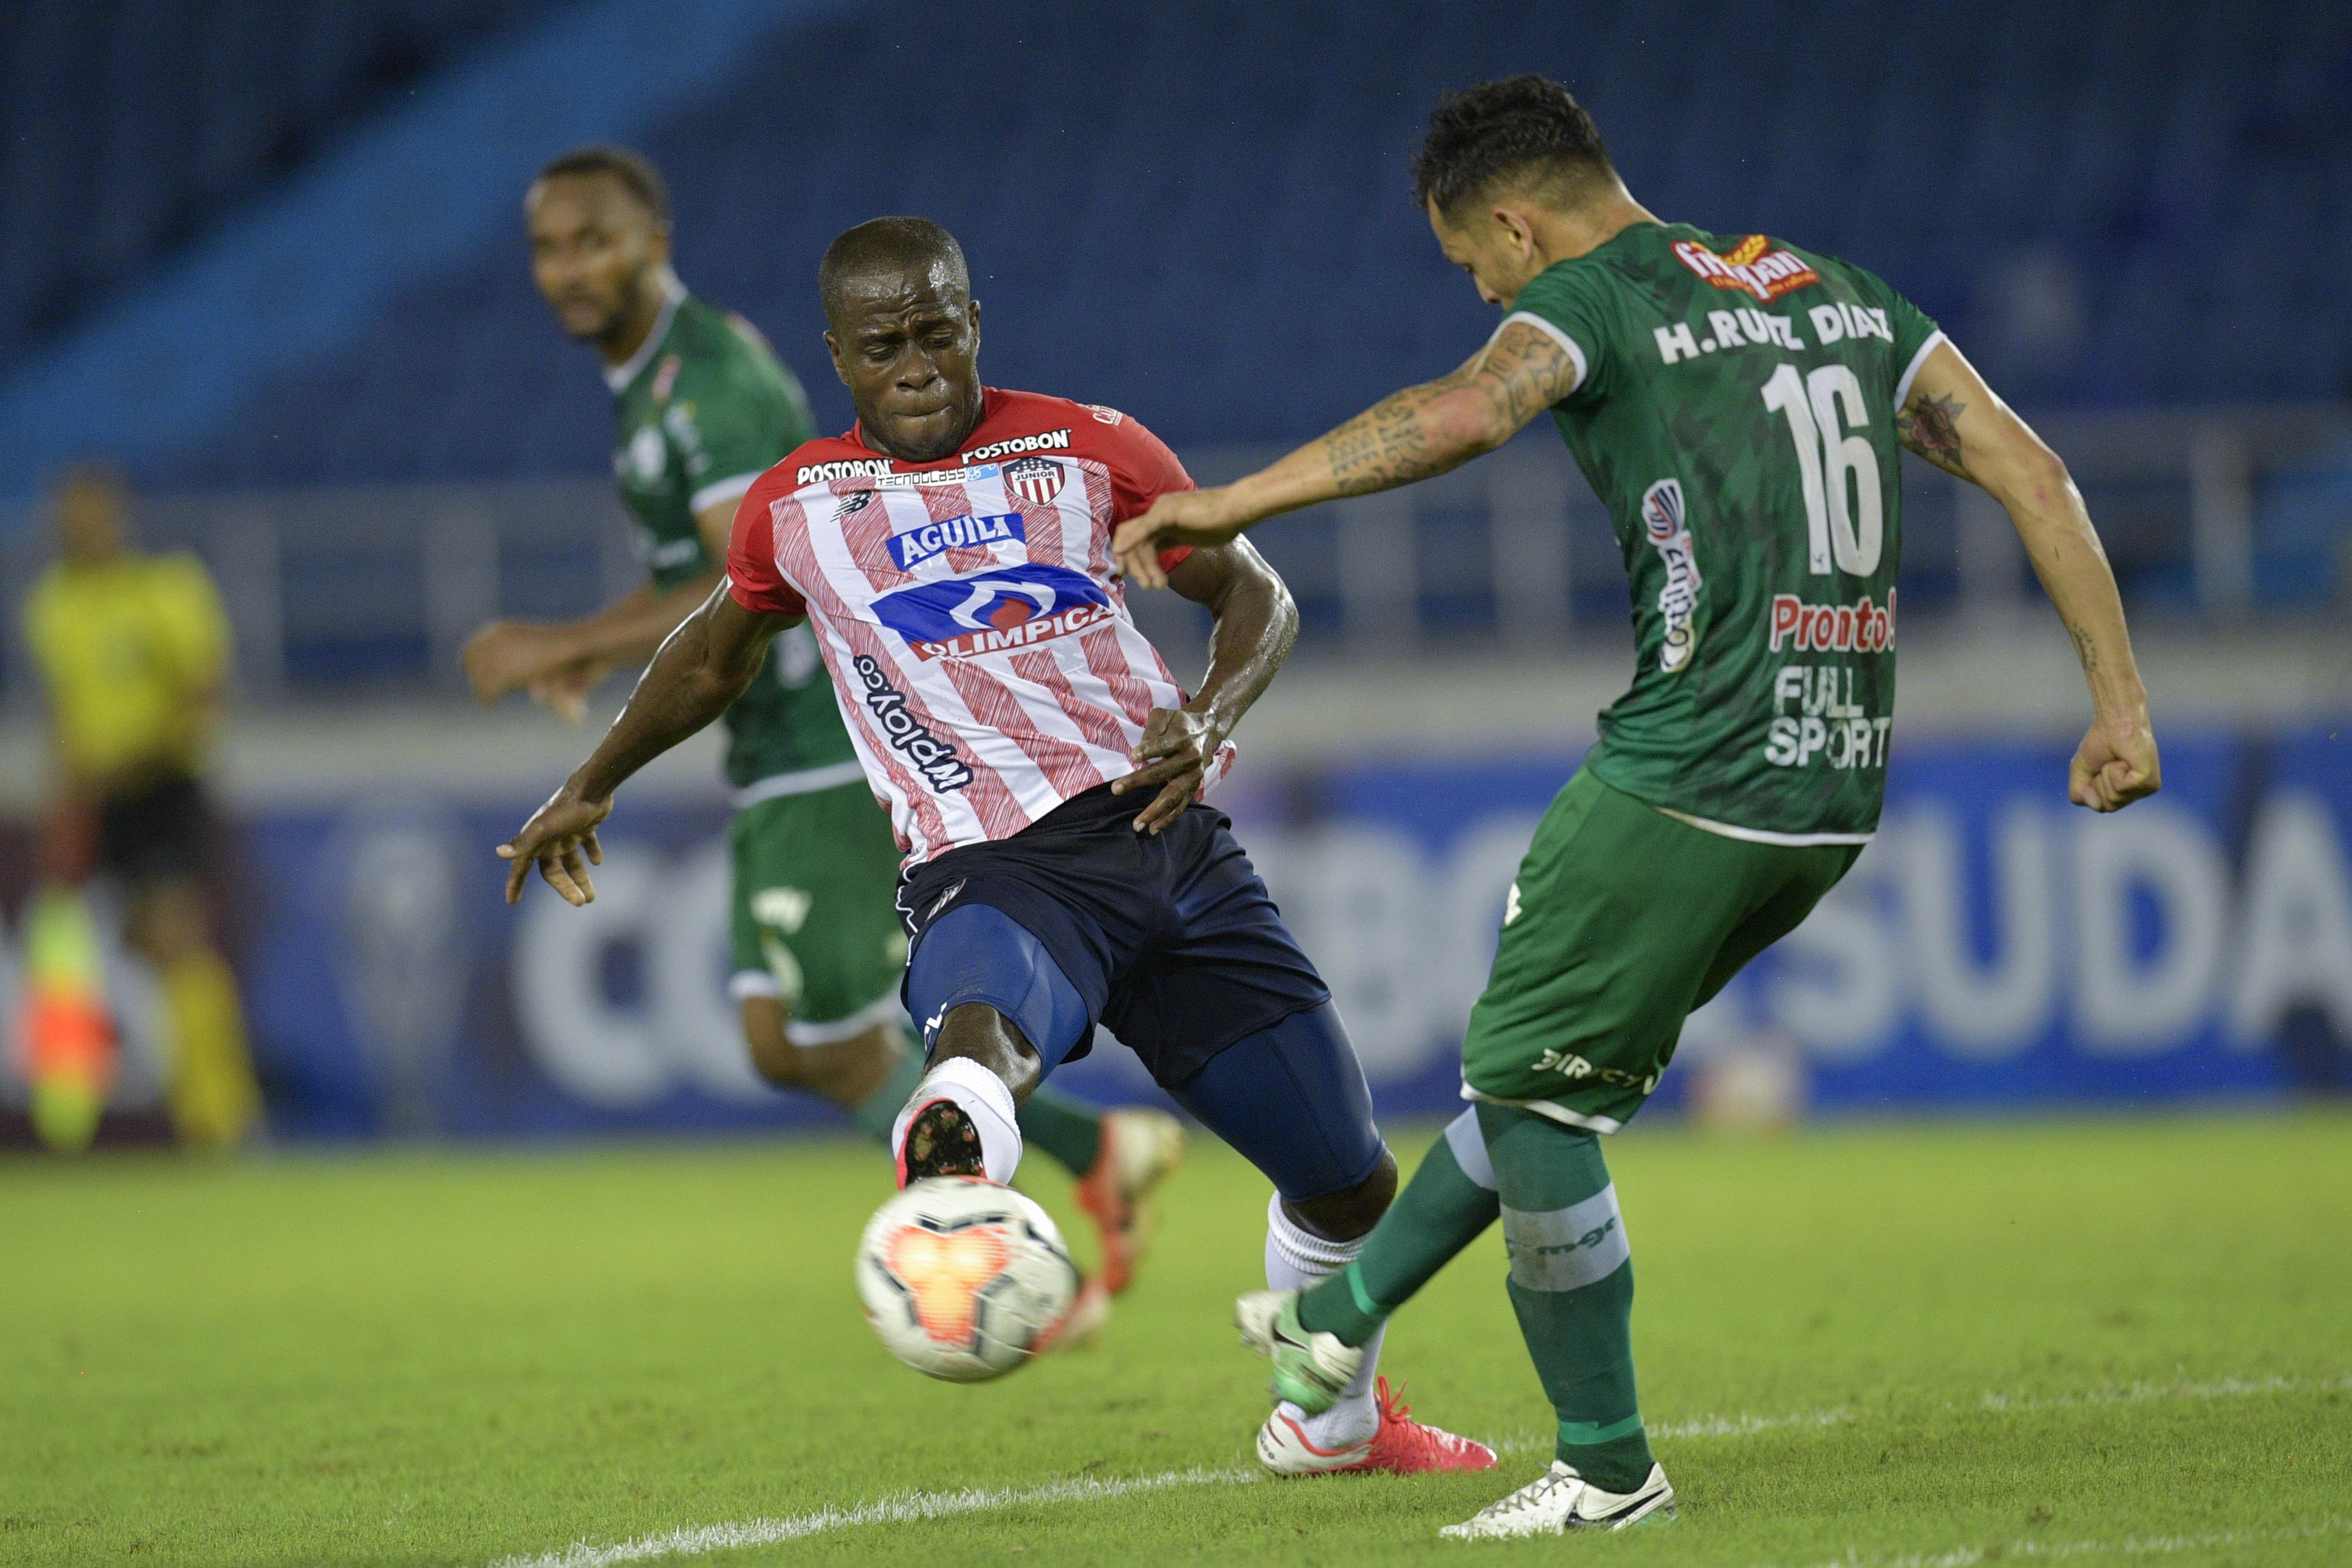 Junior Sudamericana